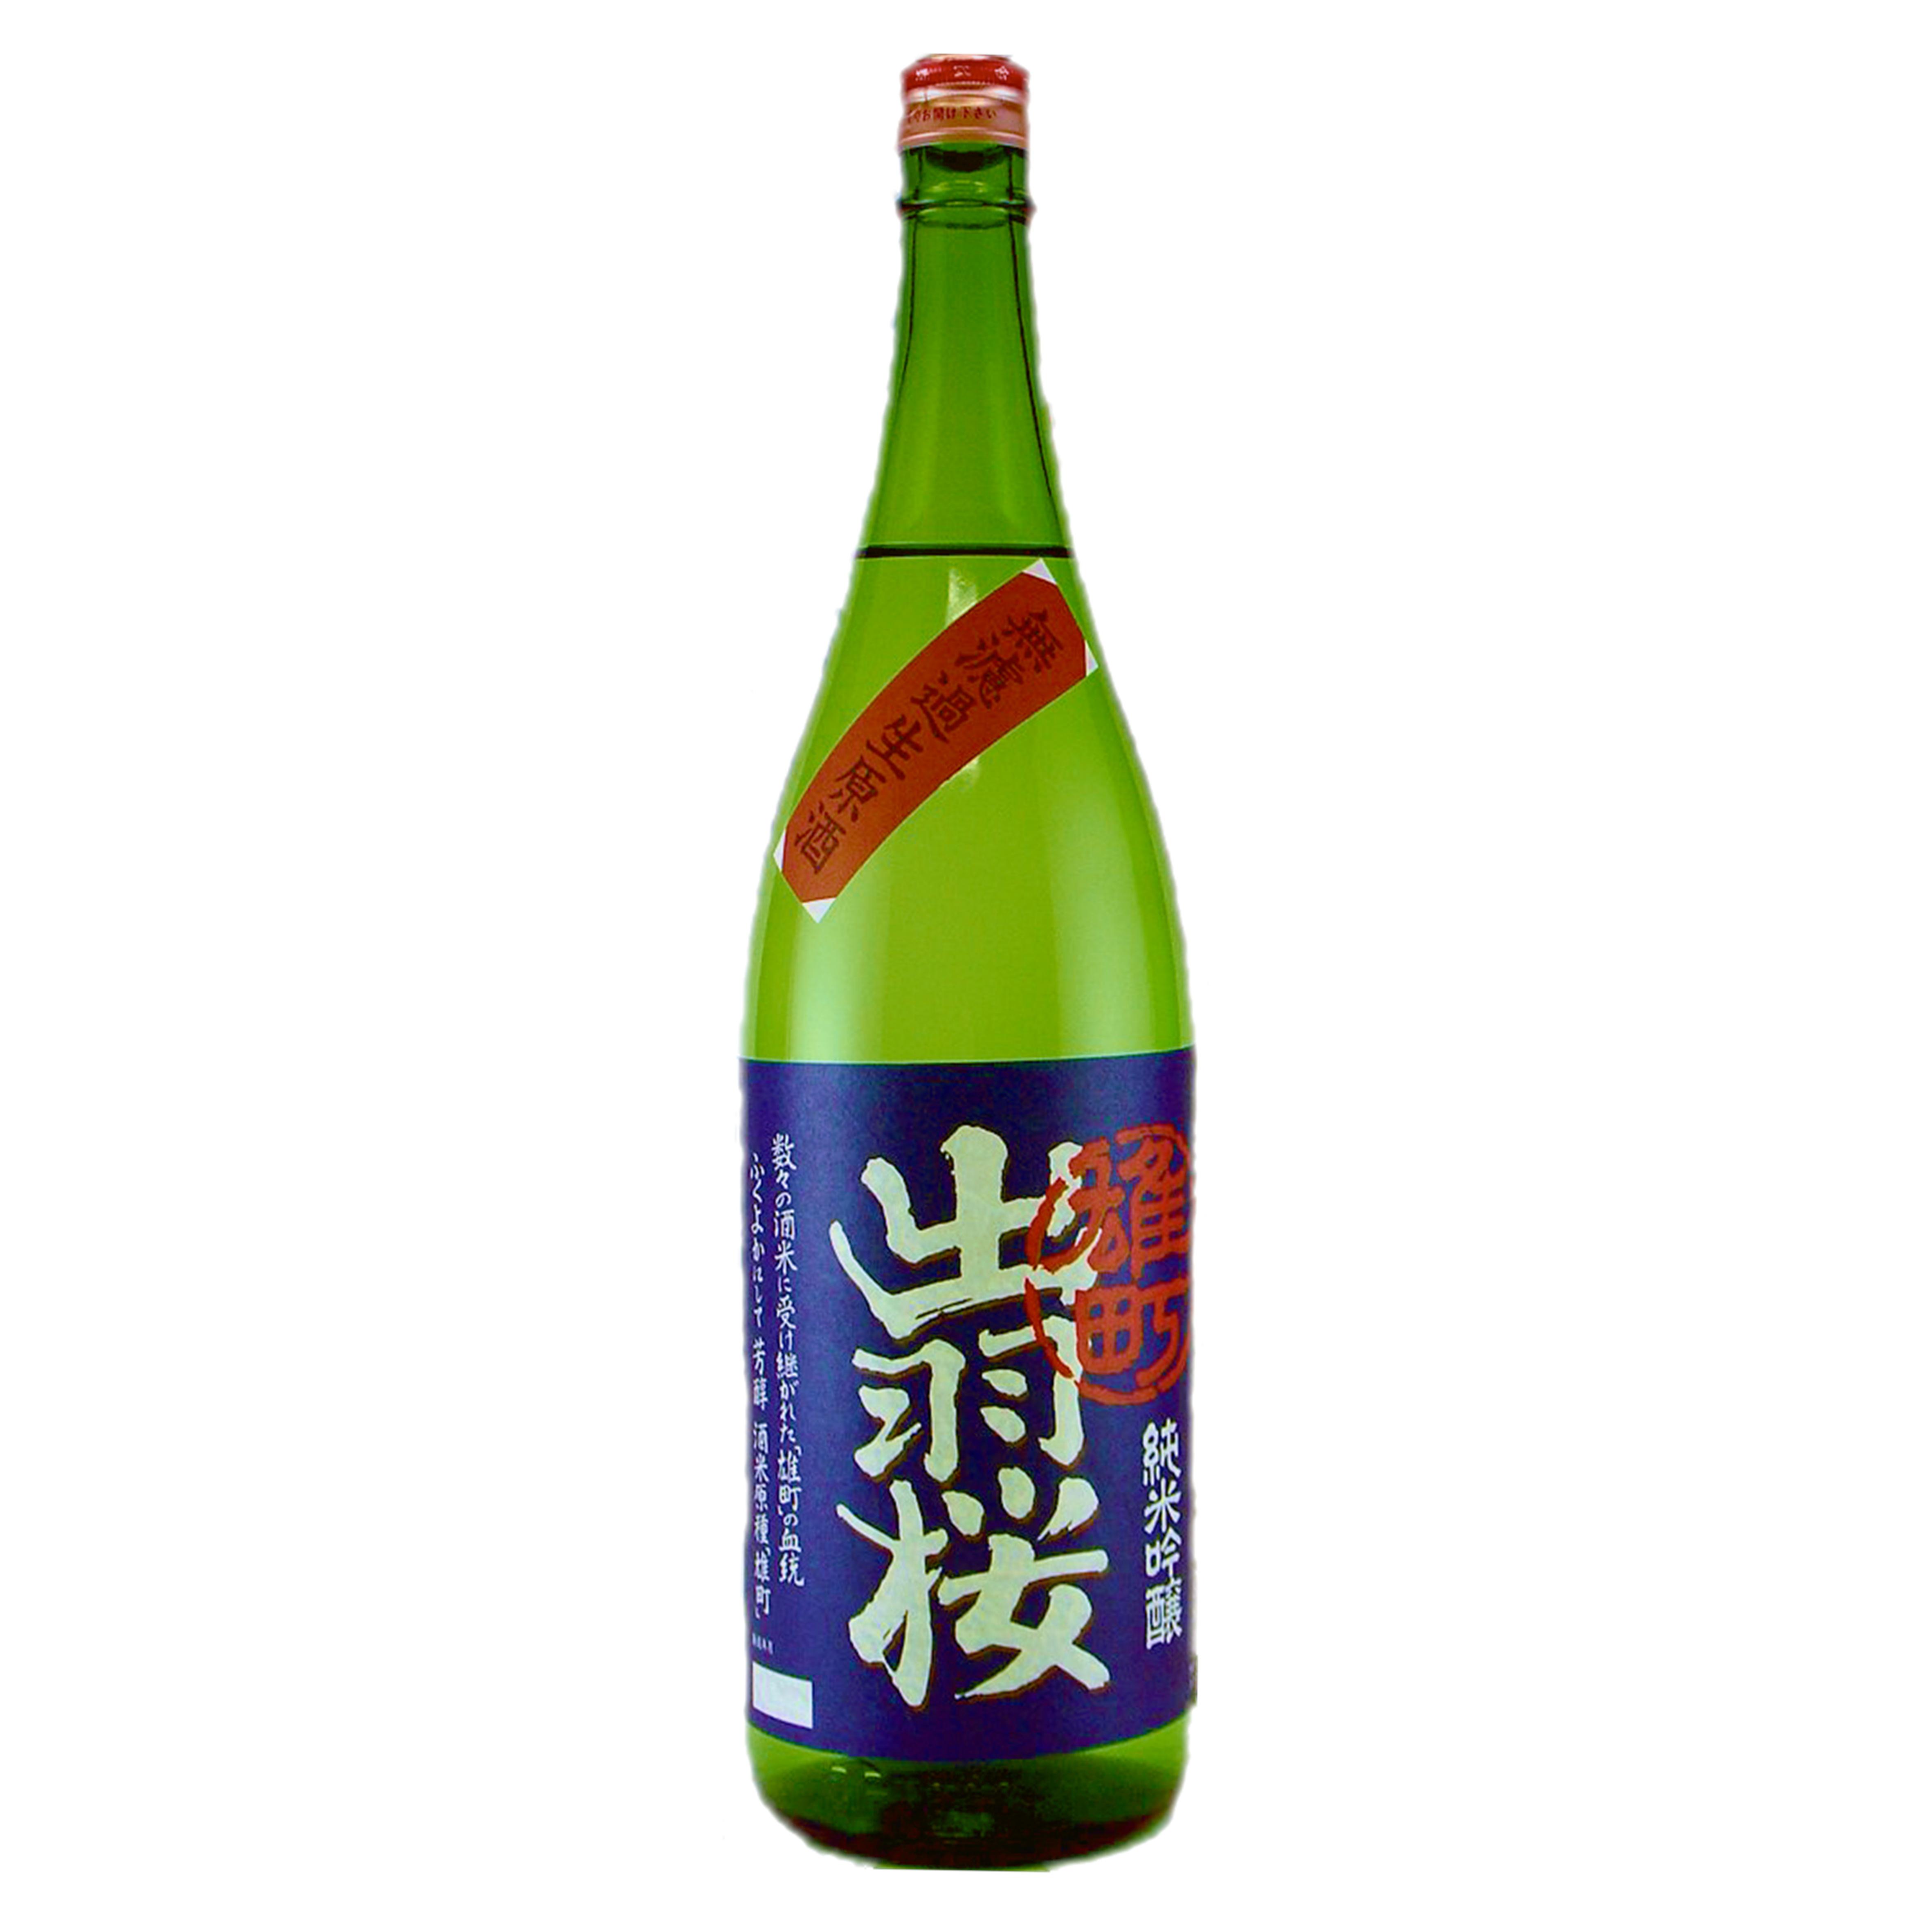 出羽桜 雄町 純米吟醸 無濾過生原酒 1800ml